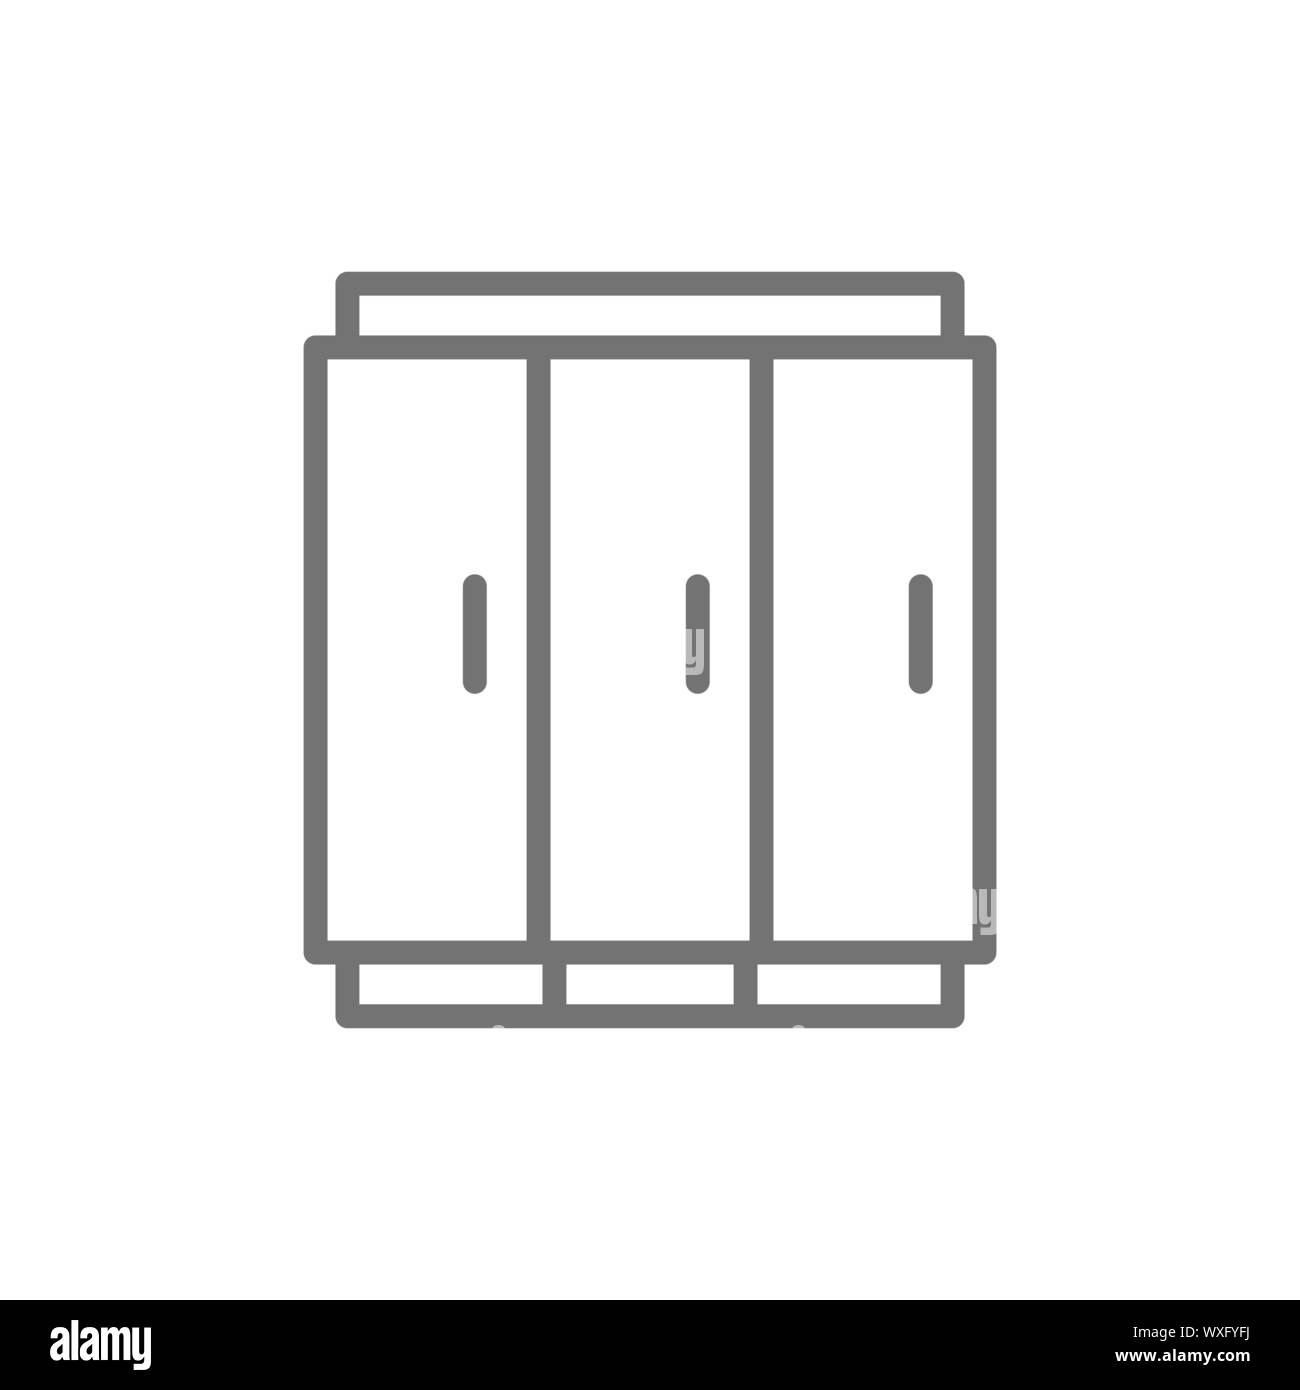 3 doors fridge, fridge for drinks line icon. Stock Vector